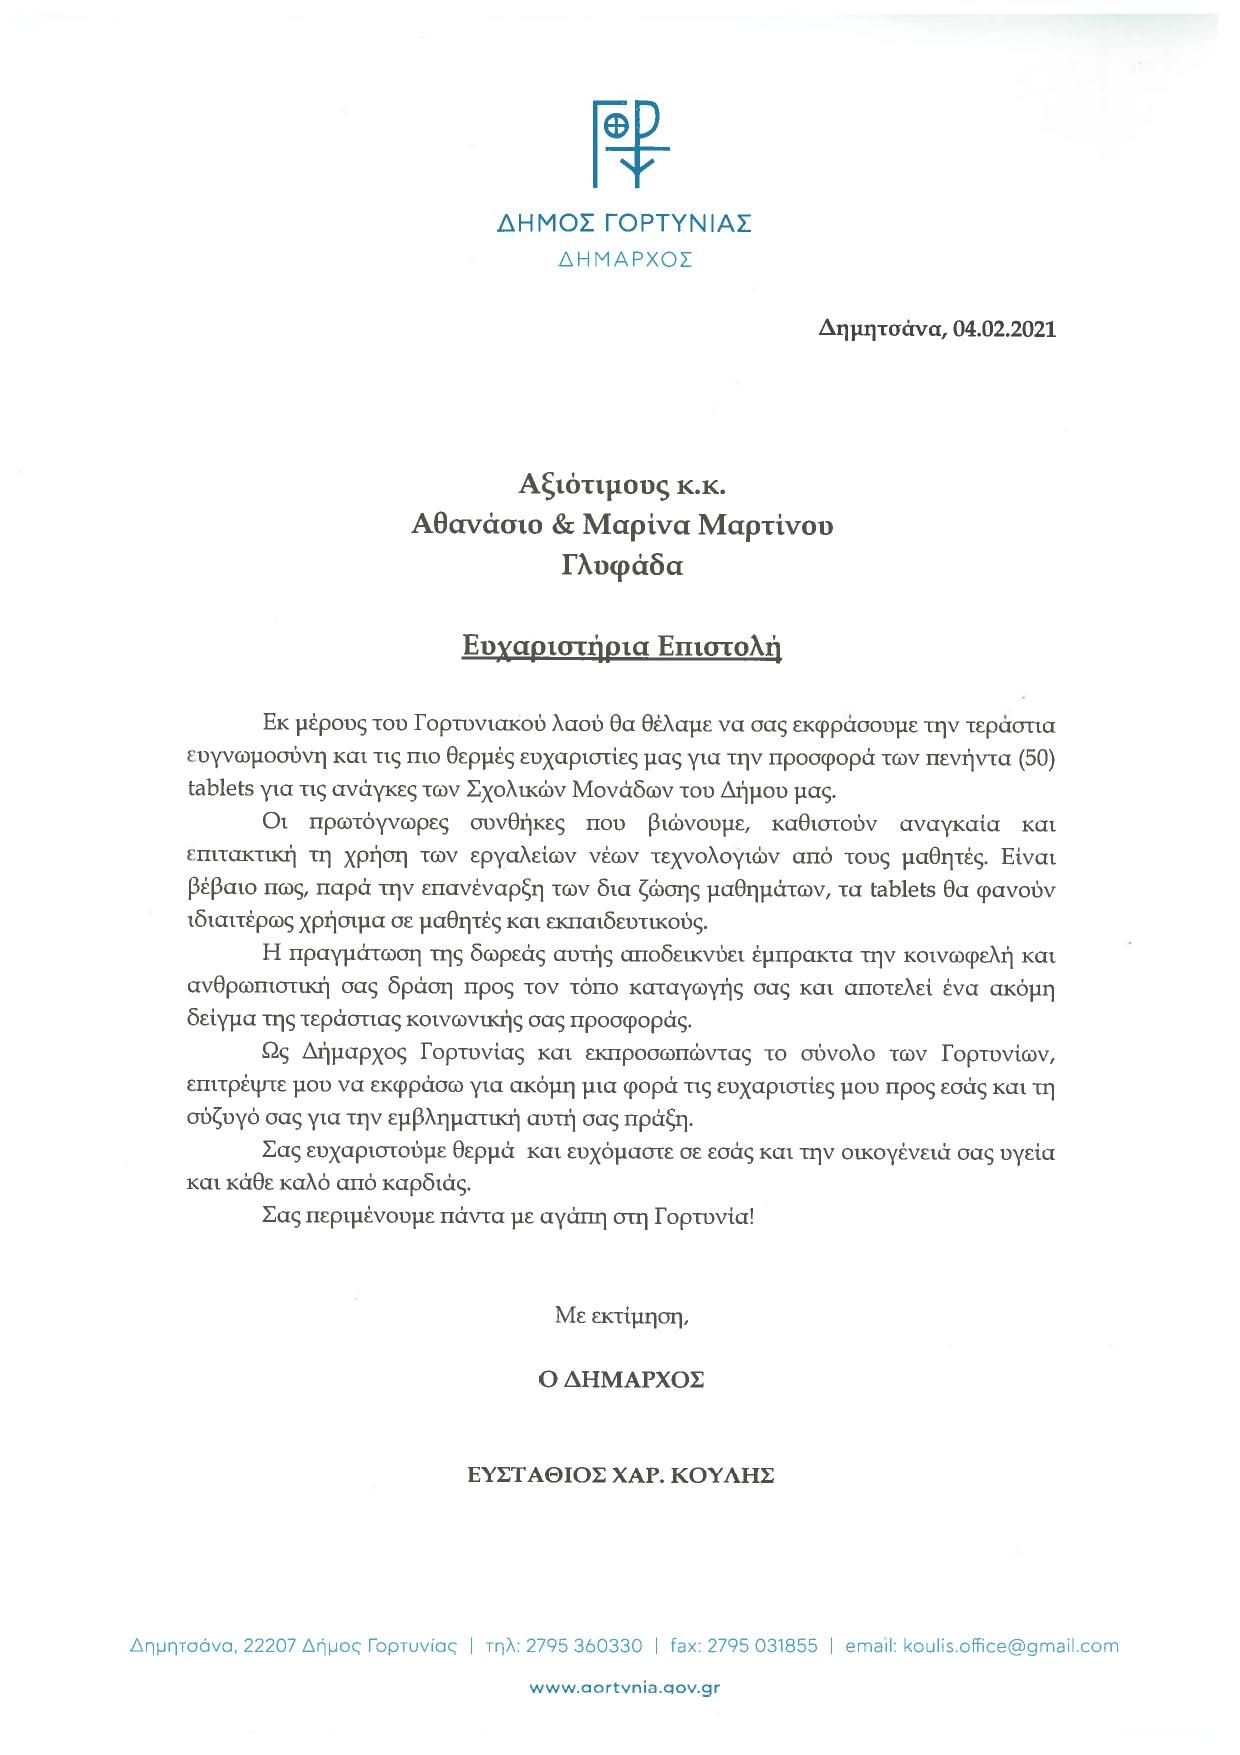 MARTINOSEPISTOLH2021